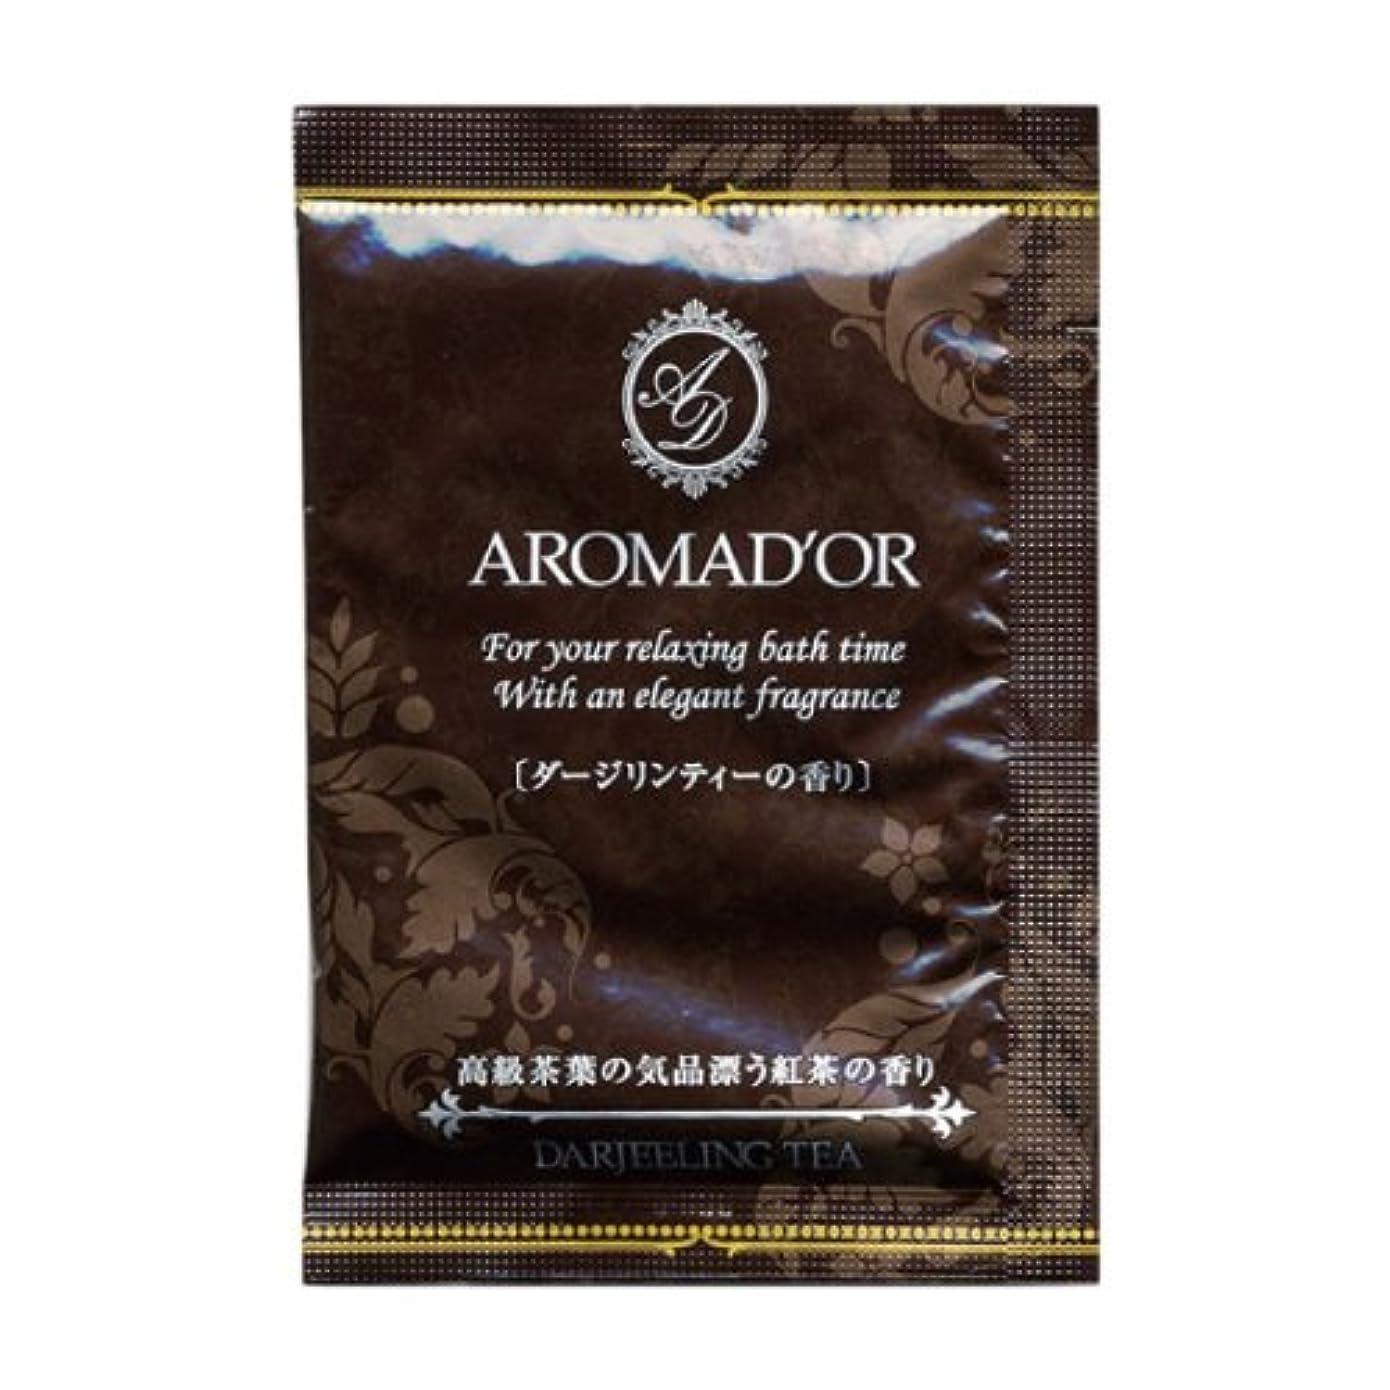 他に宇宙の協定アロマドール入浴剤 ダージリンティーの香り 12包